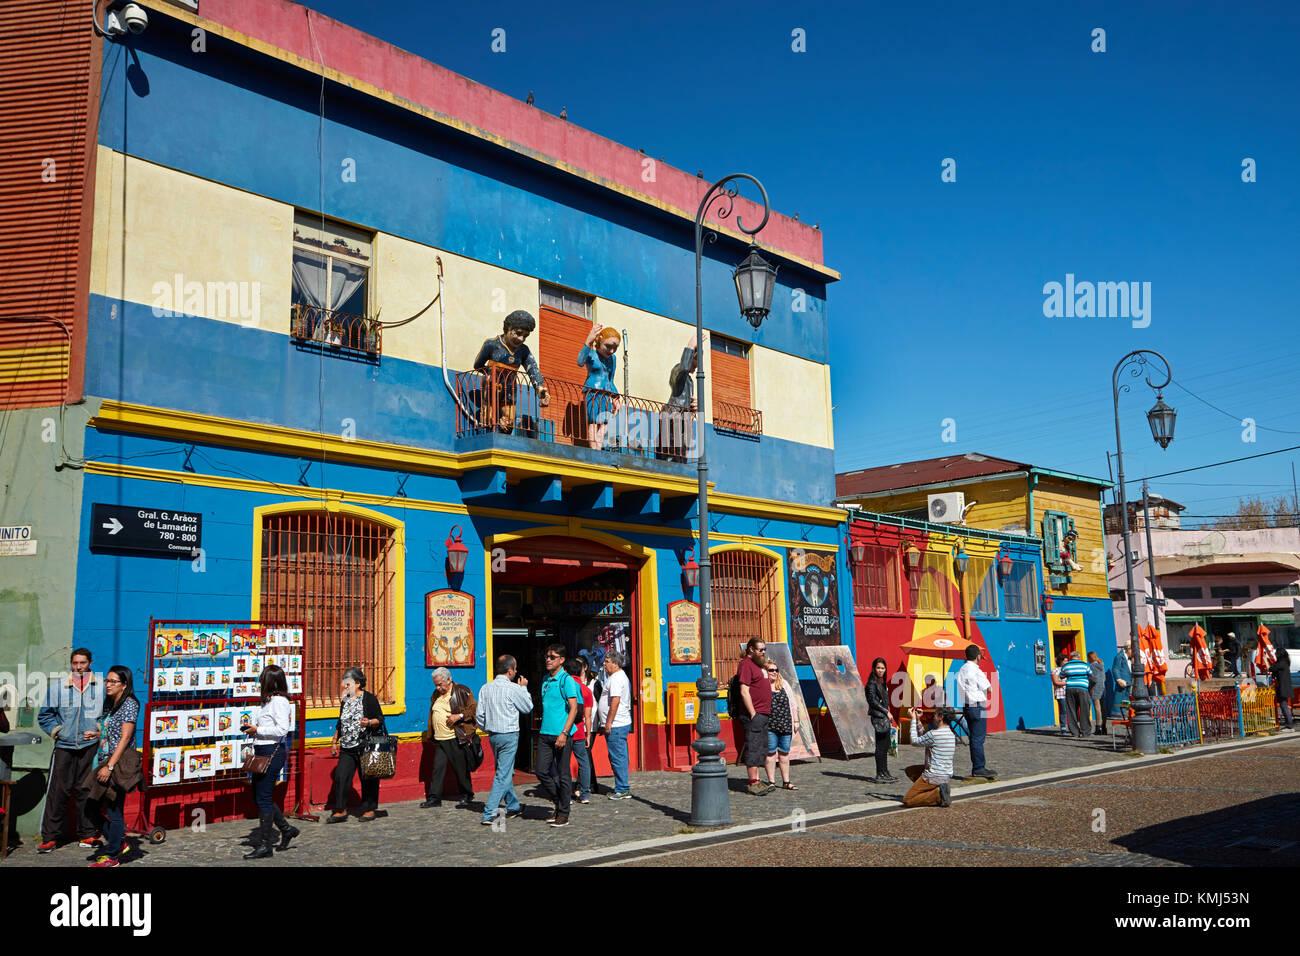 Les touristes et les magasins de souvenirs, la Boca, Buenos Aires, Argentine, Amérique du Sud Photo Stock